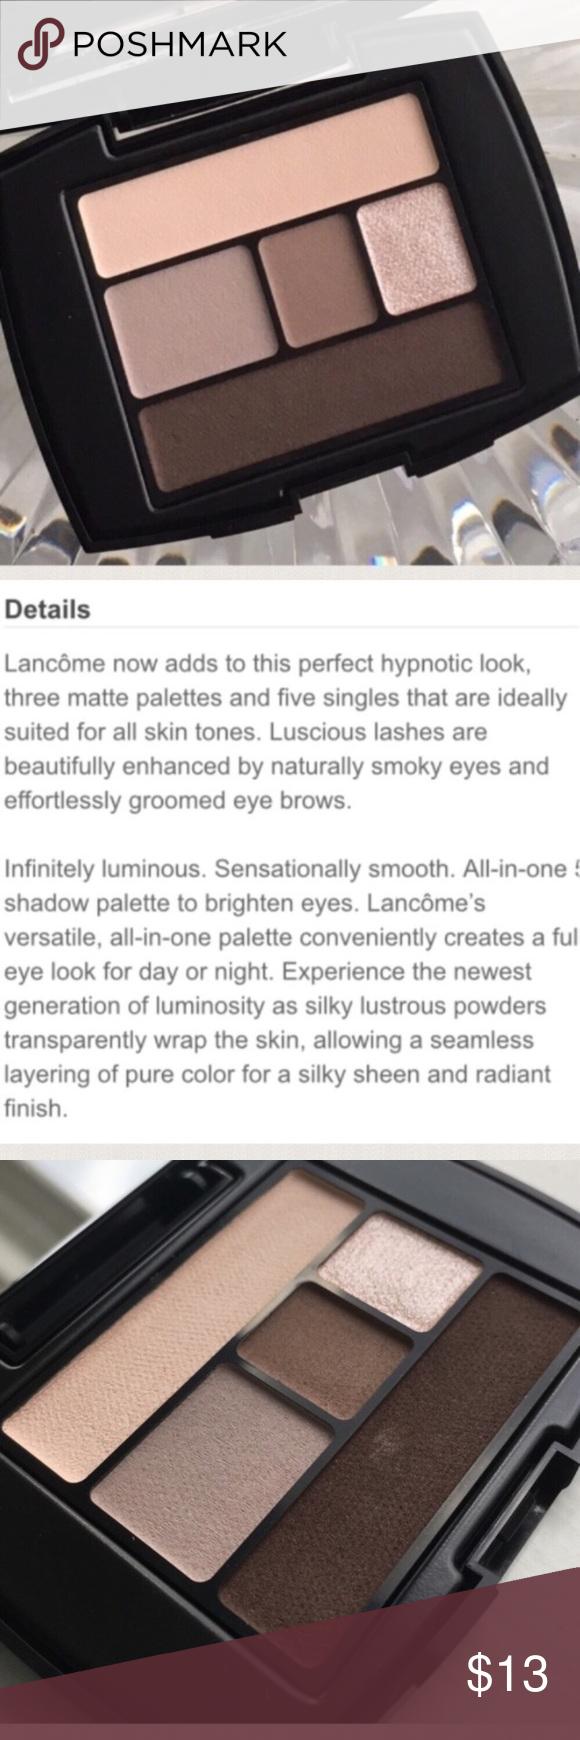 New Lancome Eyeshadow Palette In Beige Brulee Lancome Eyeshadow Eyeshadow Eyeshadow Palette